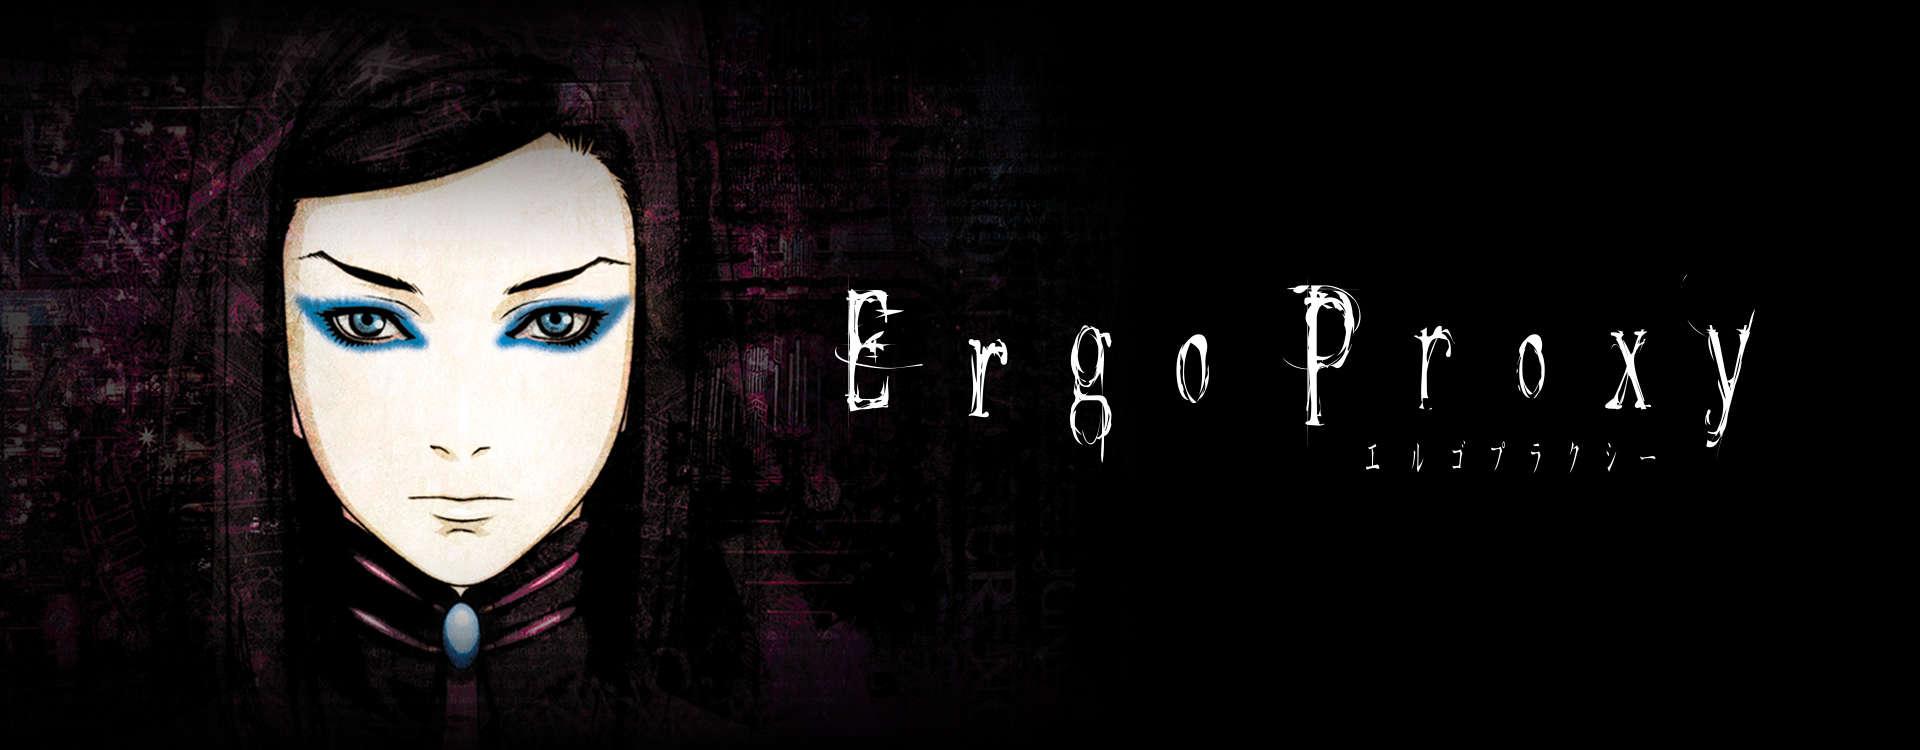 Ergo Proxy Ger Sub Stream